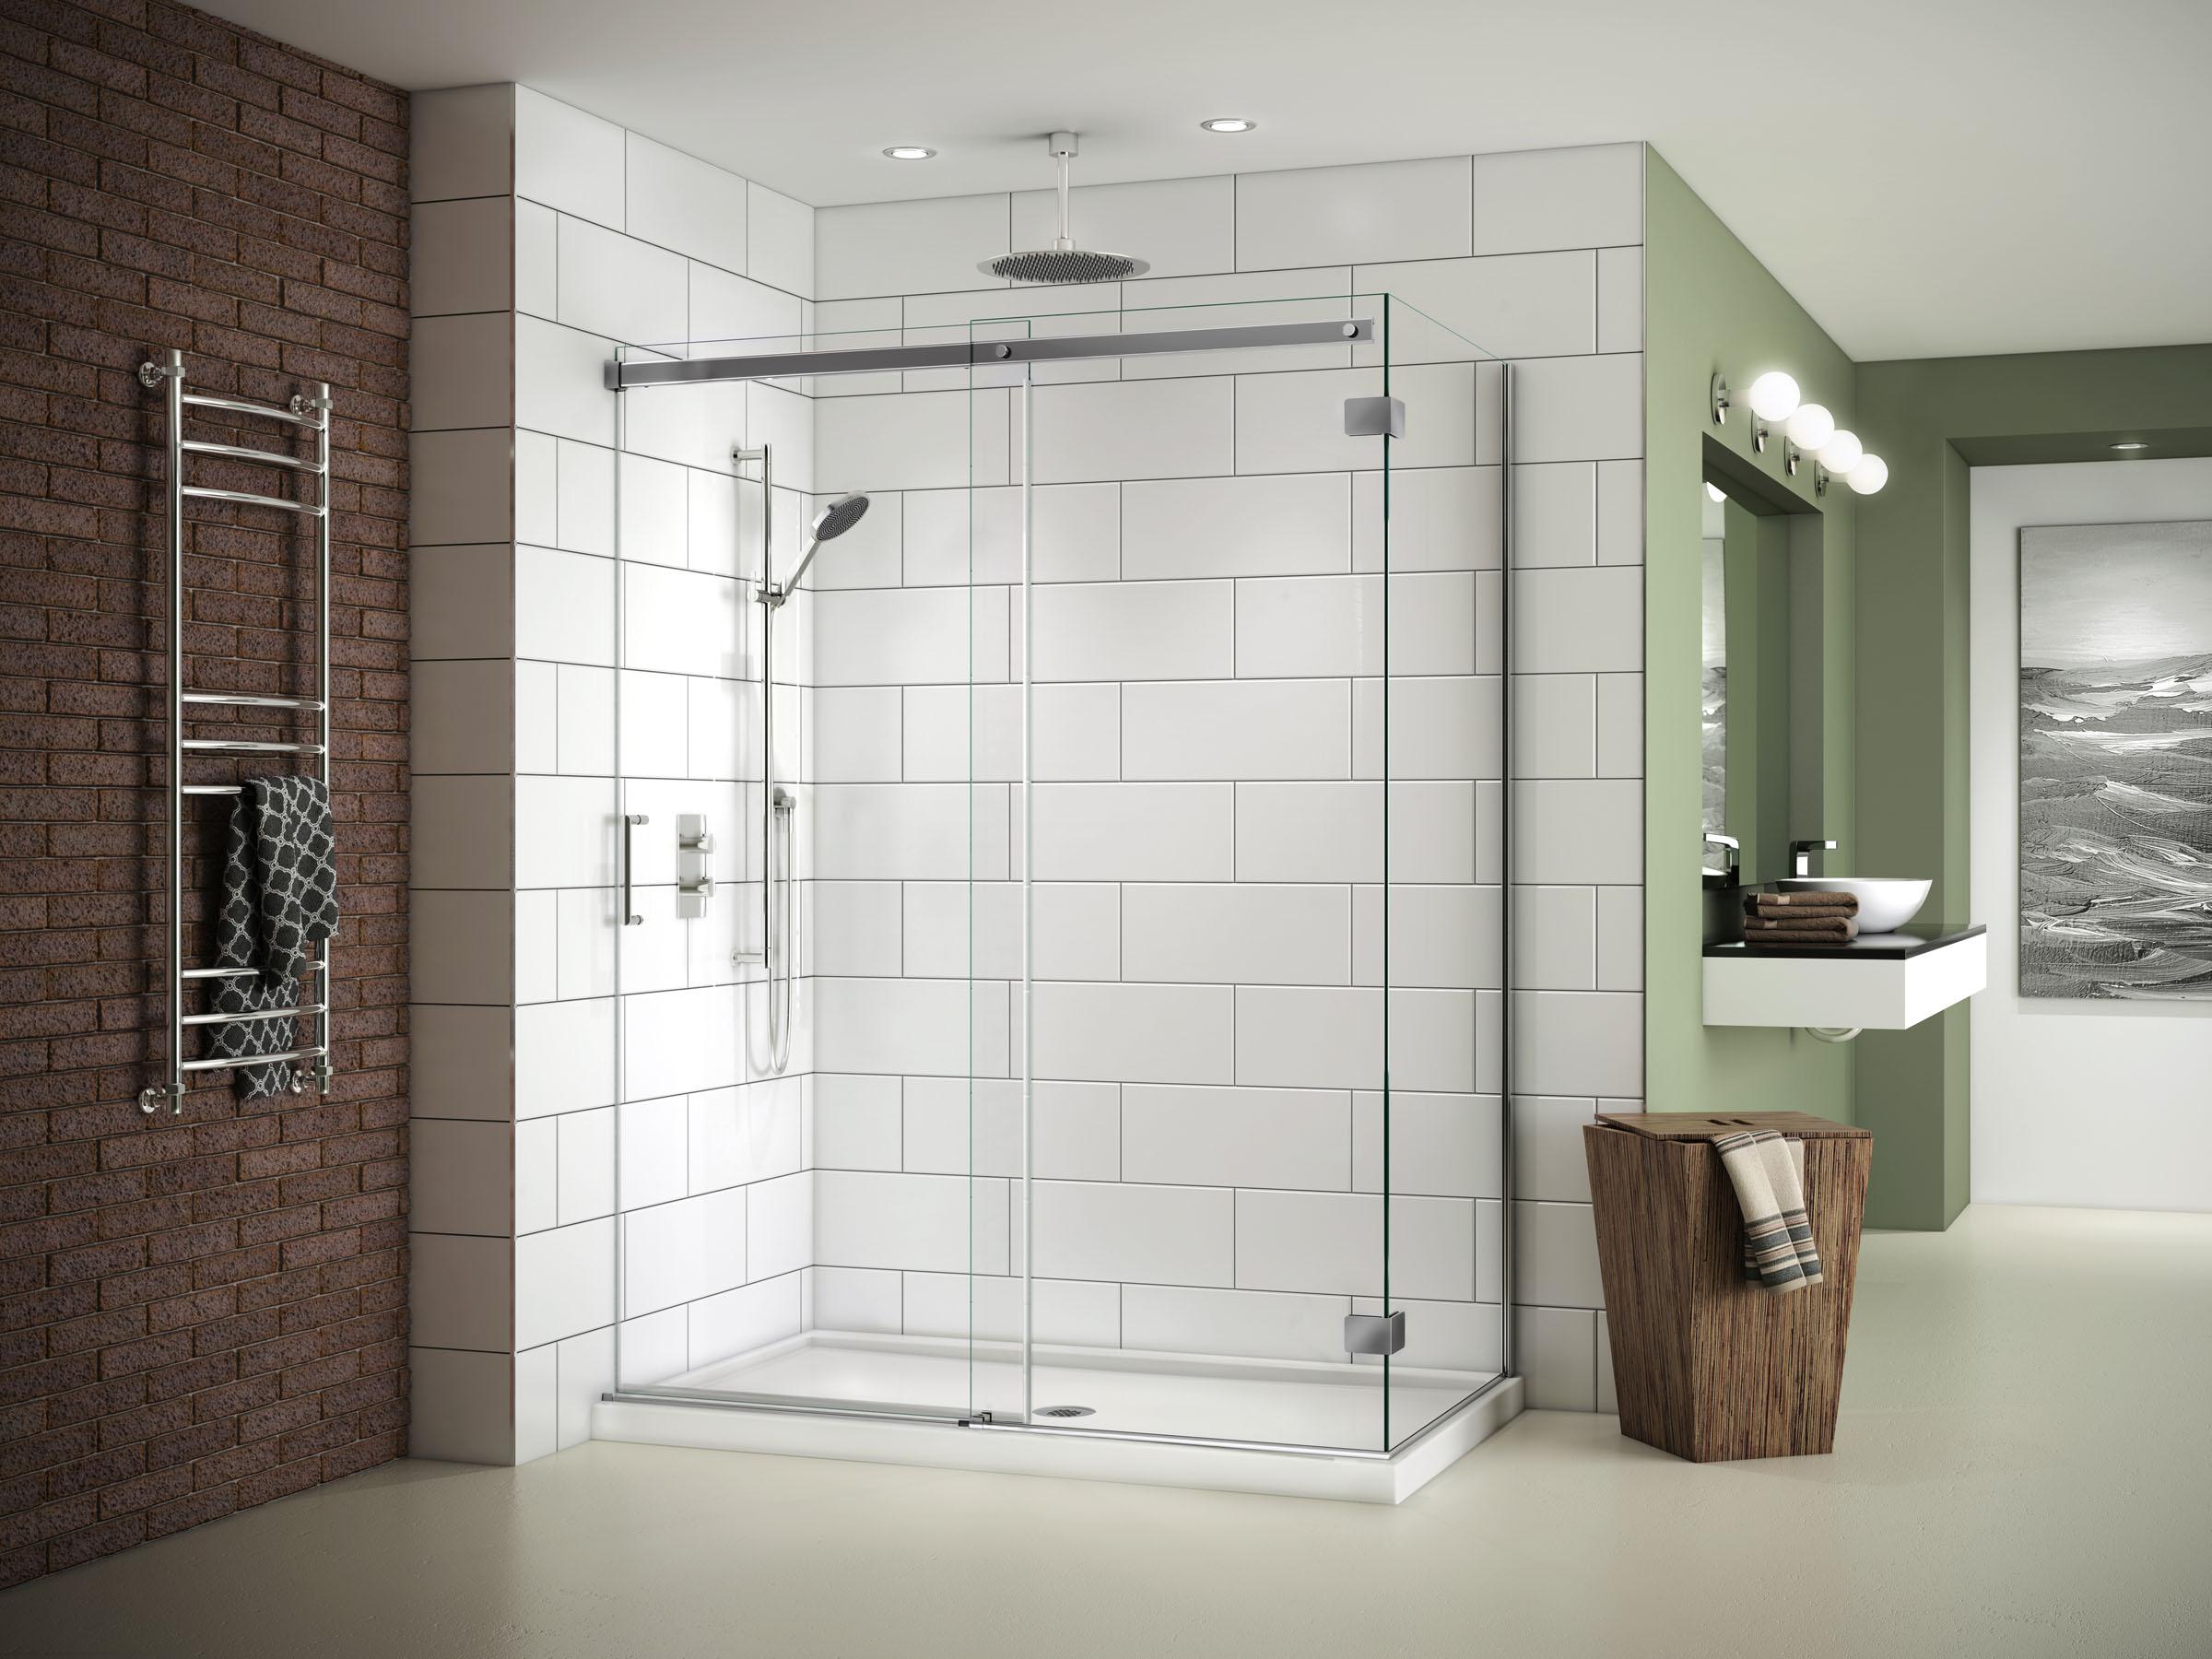 Fleurco 45 48 Quot X 75 Quot X 32 Quot Apollo Frameless Sliding Shower